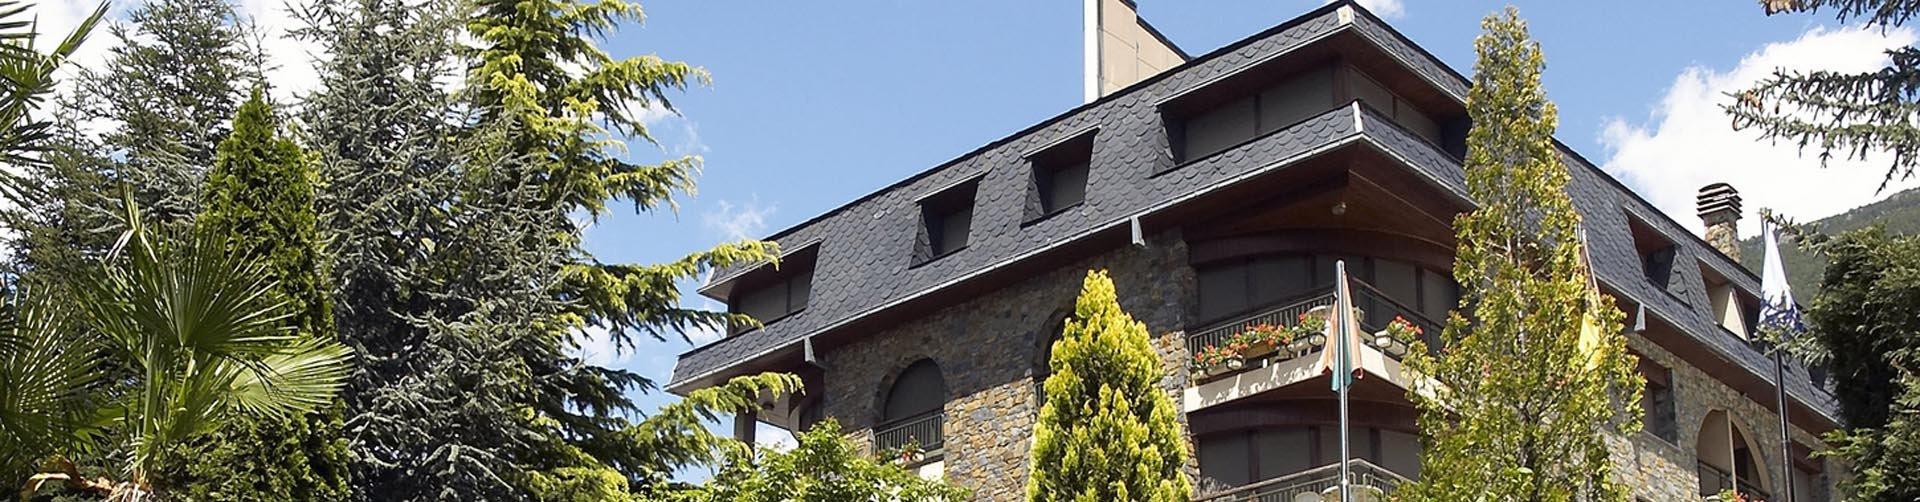 Hotel Guillem middenin Andorra